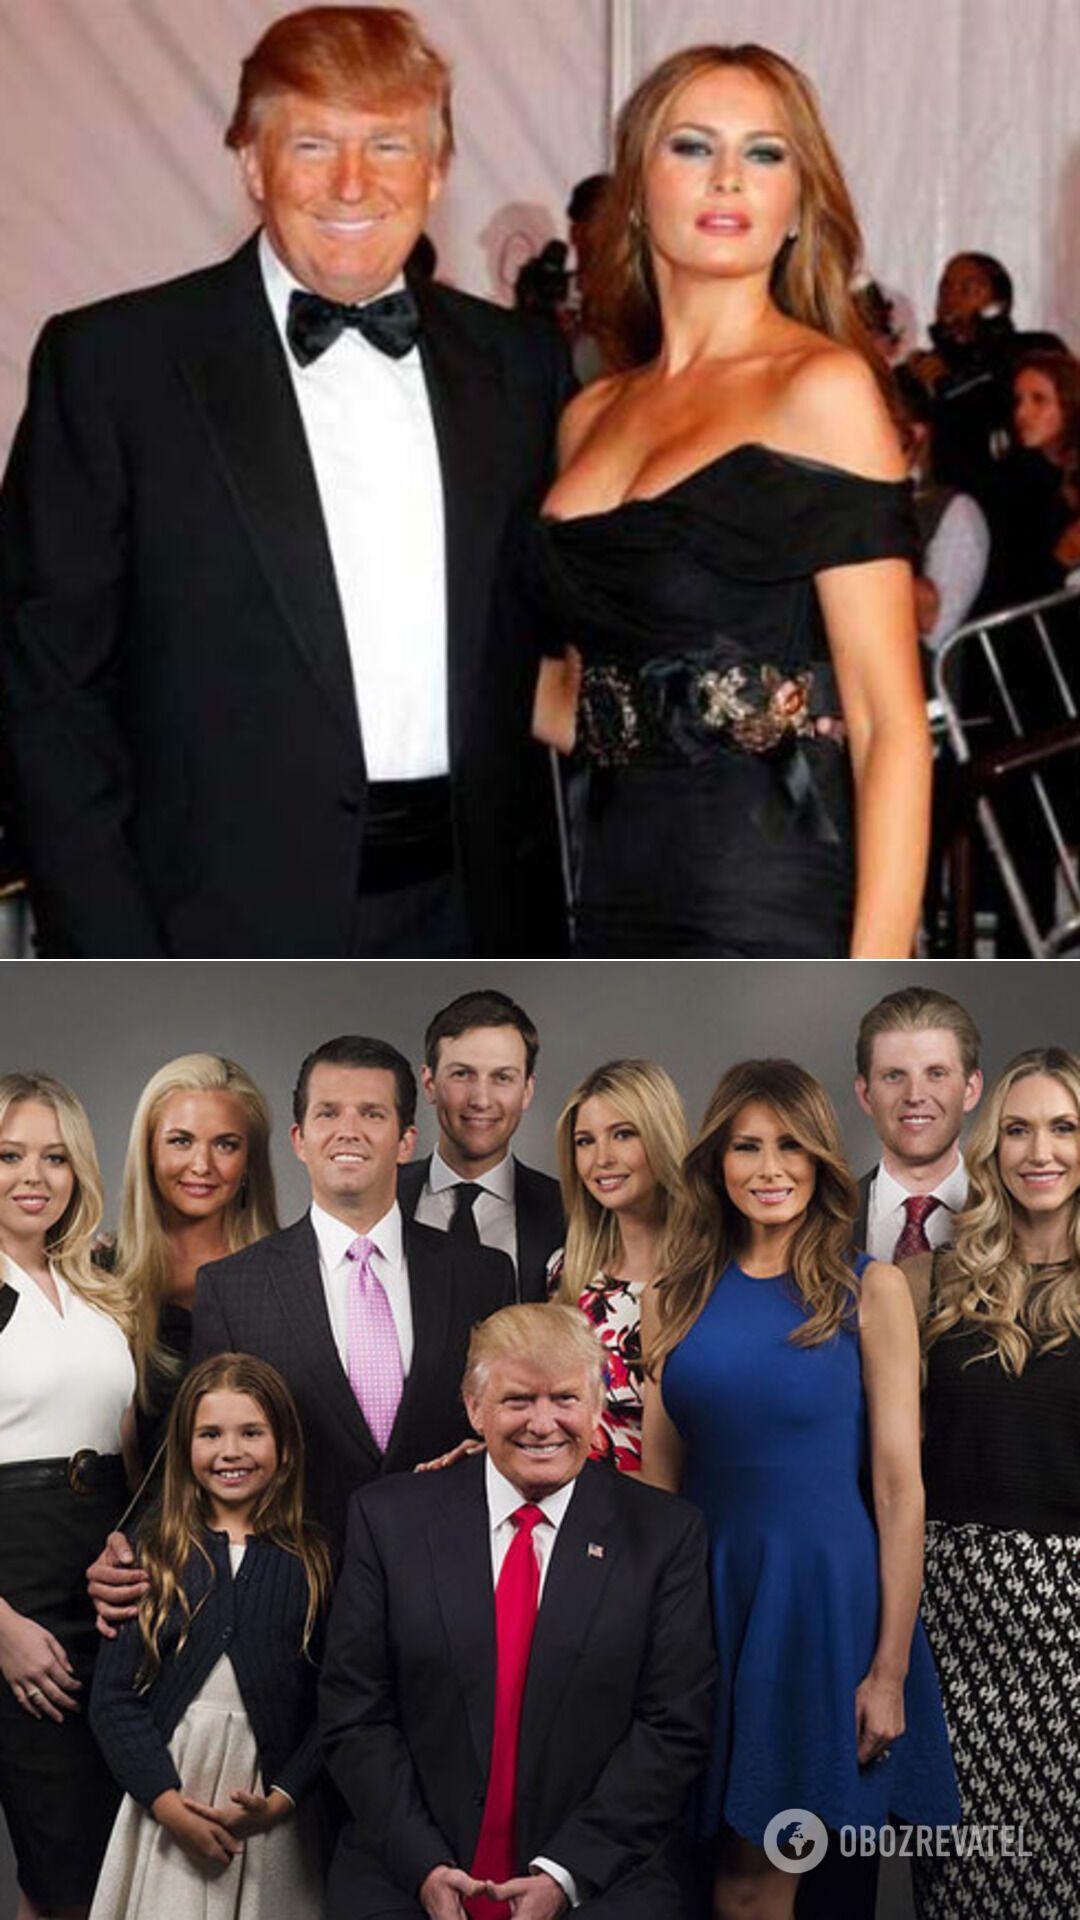 Дональд Трамп и Мелани Кнаусс, а также с детьми и внуками